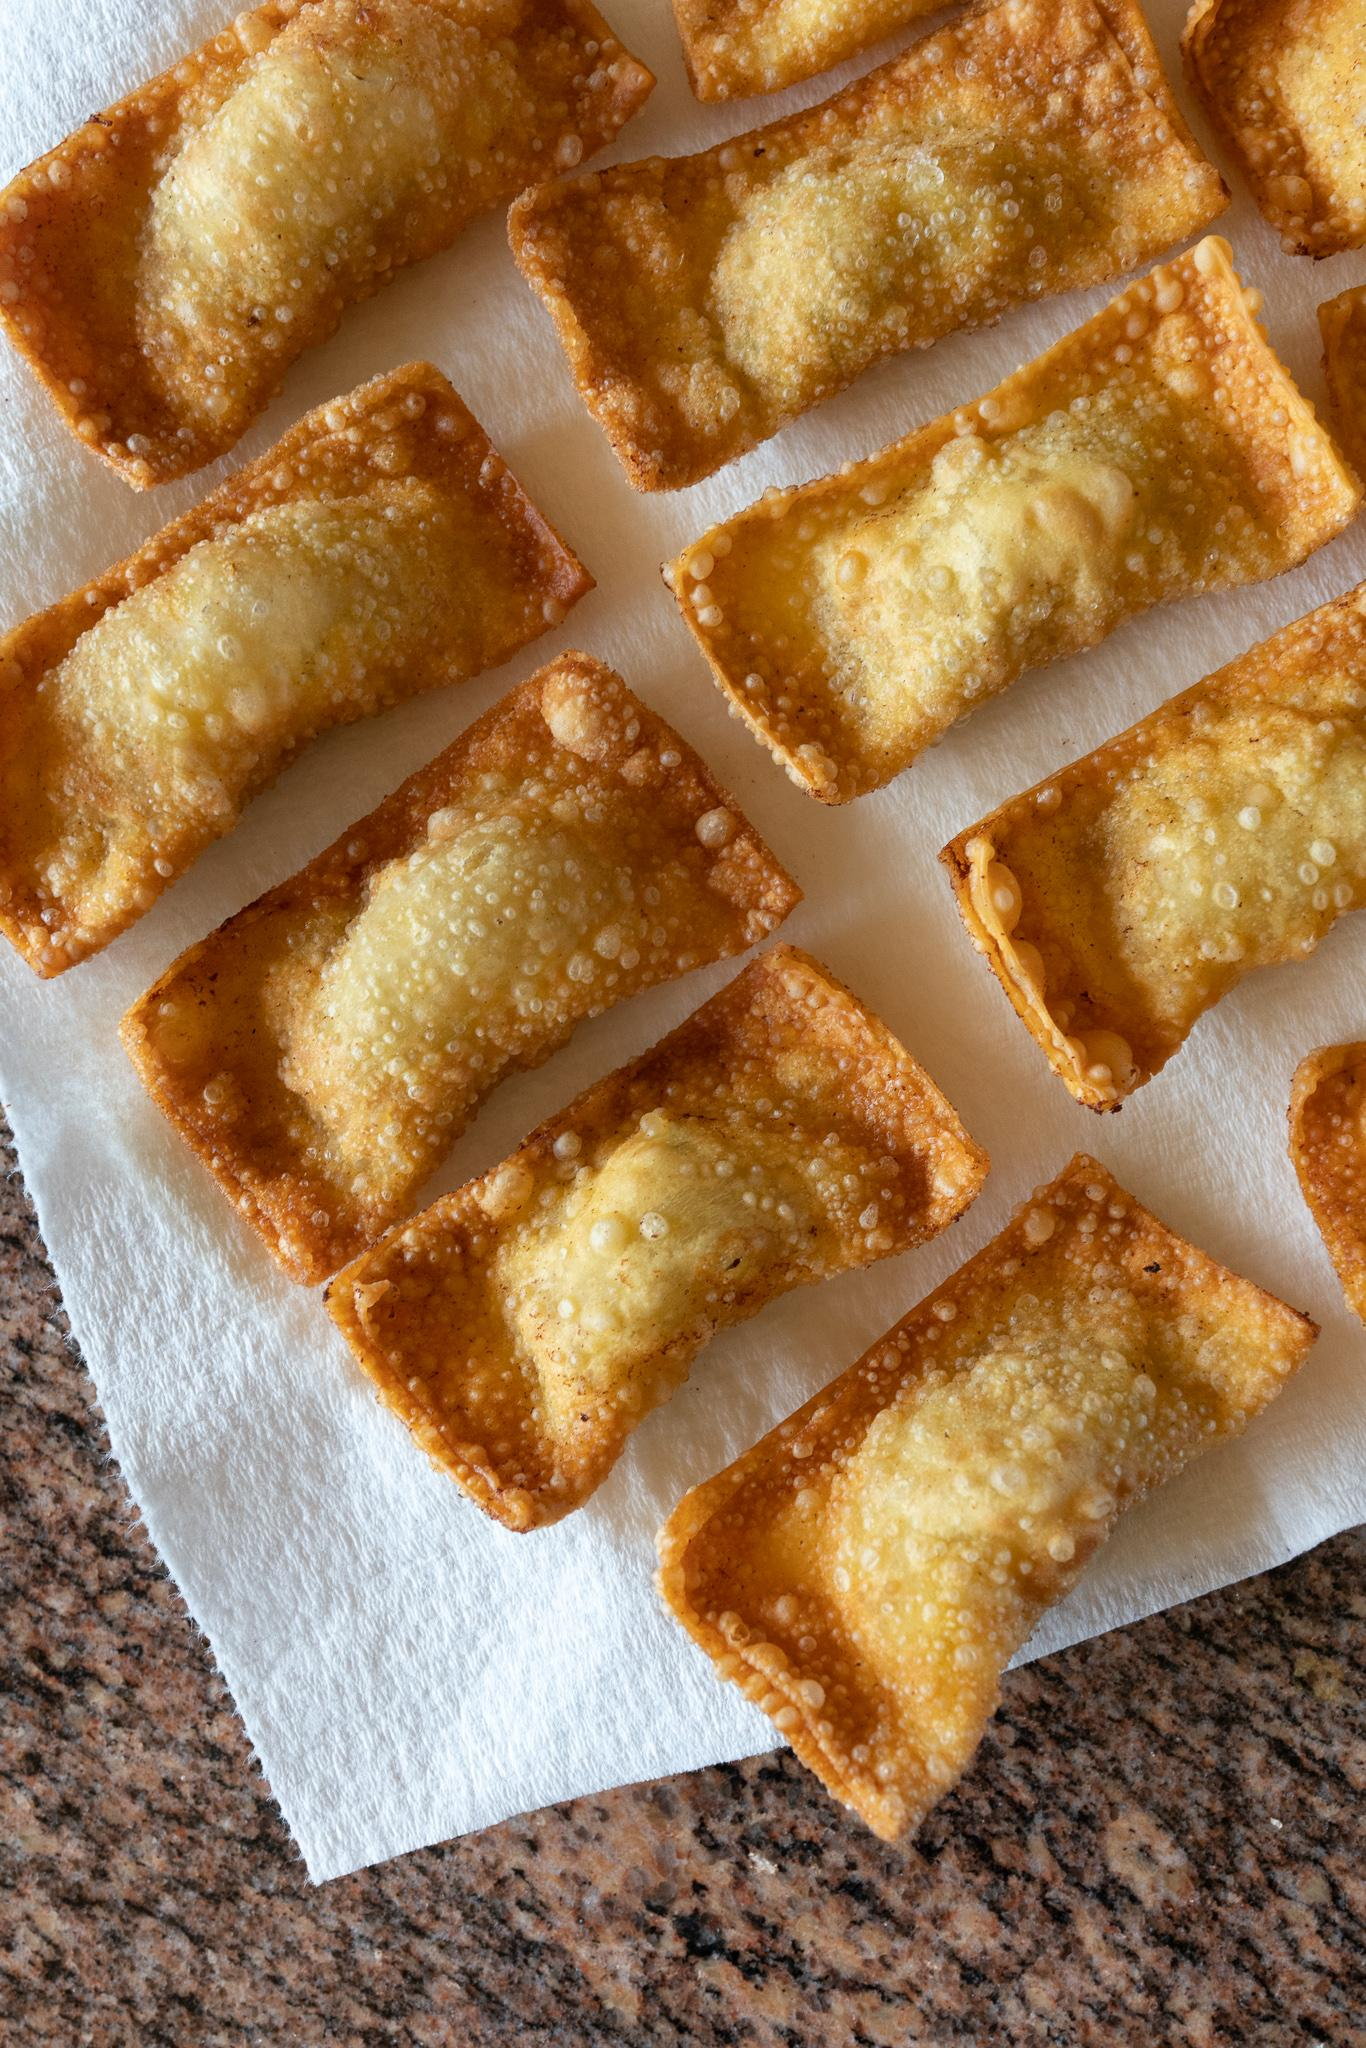 A batch of fresh fried Gau Gee on a plate